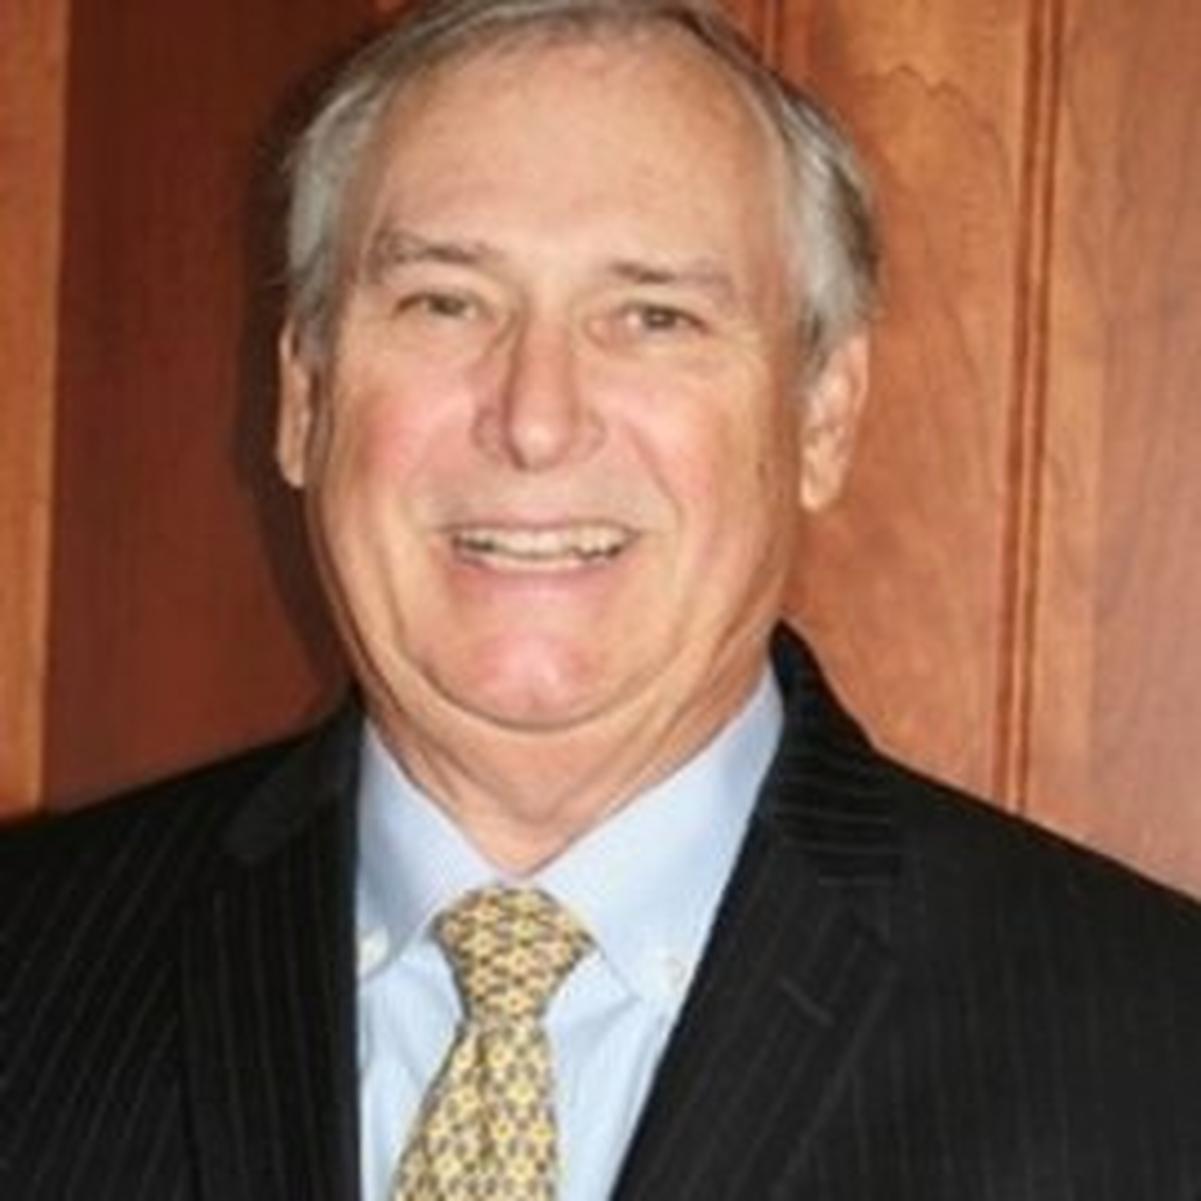 Steven Landefeld, Ph.D. wiki, Steven Landefeld, Ph.D. bio, Steven Landefeld, Ph.D. news